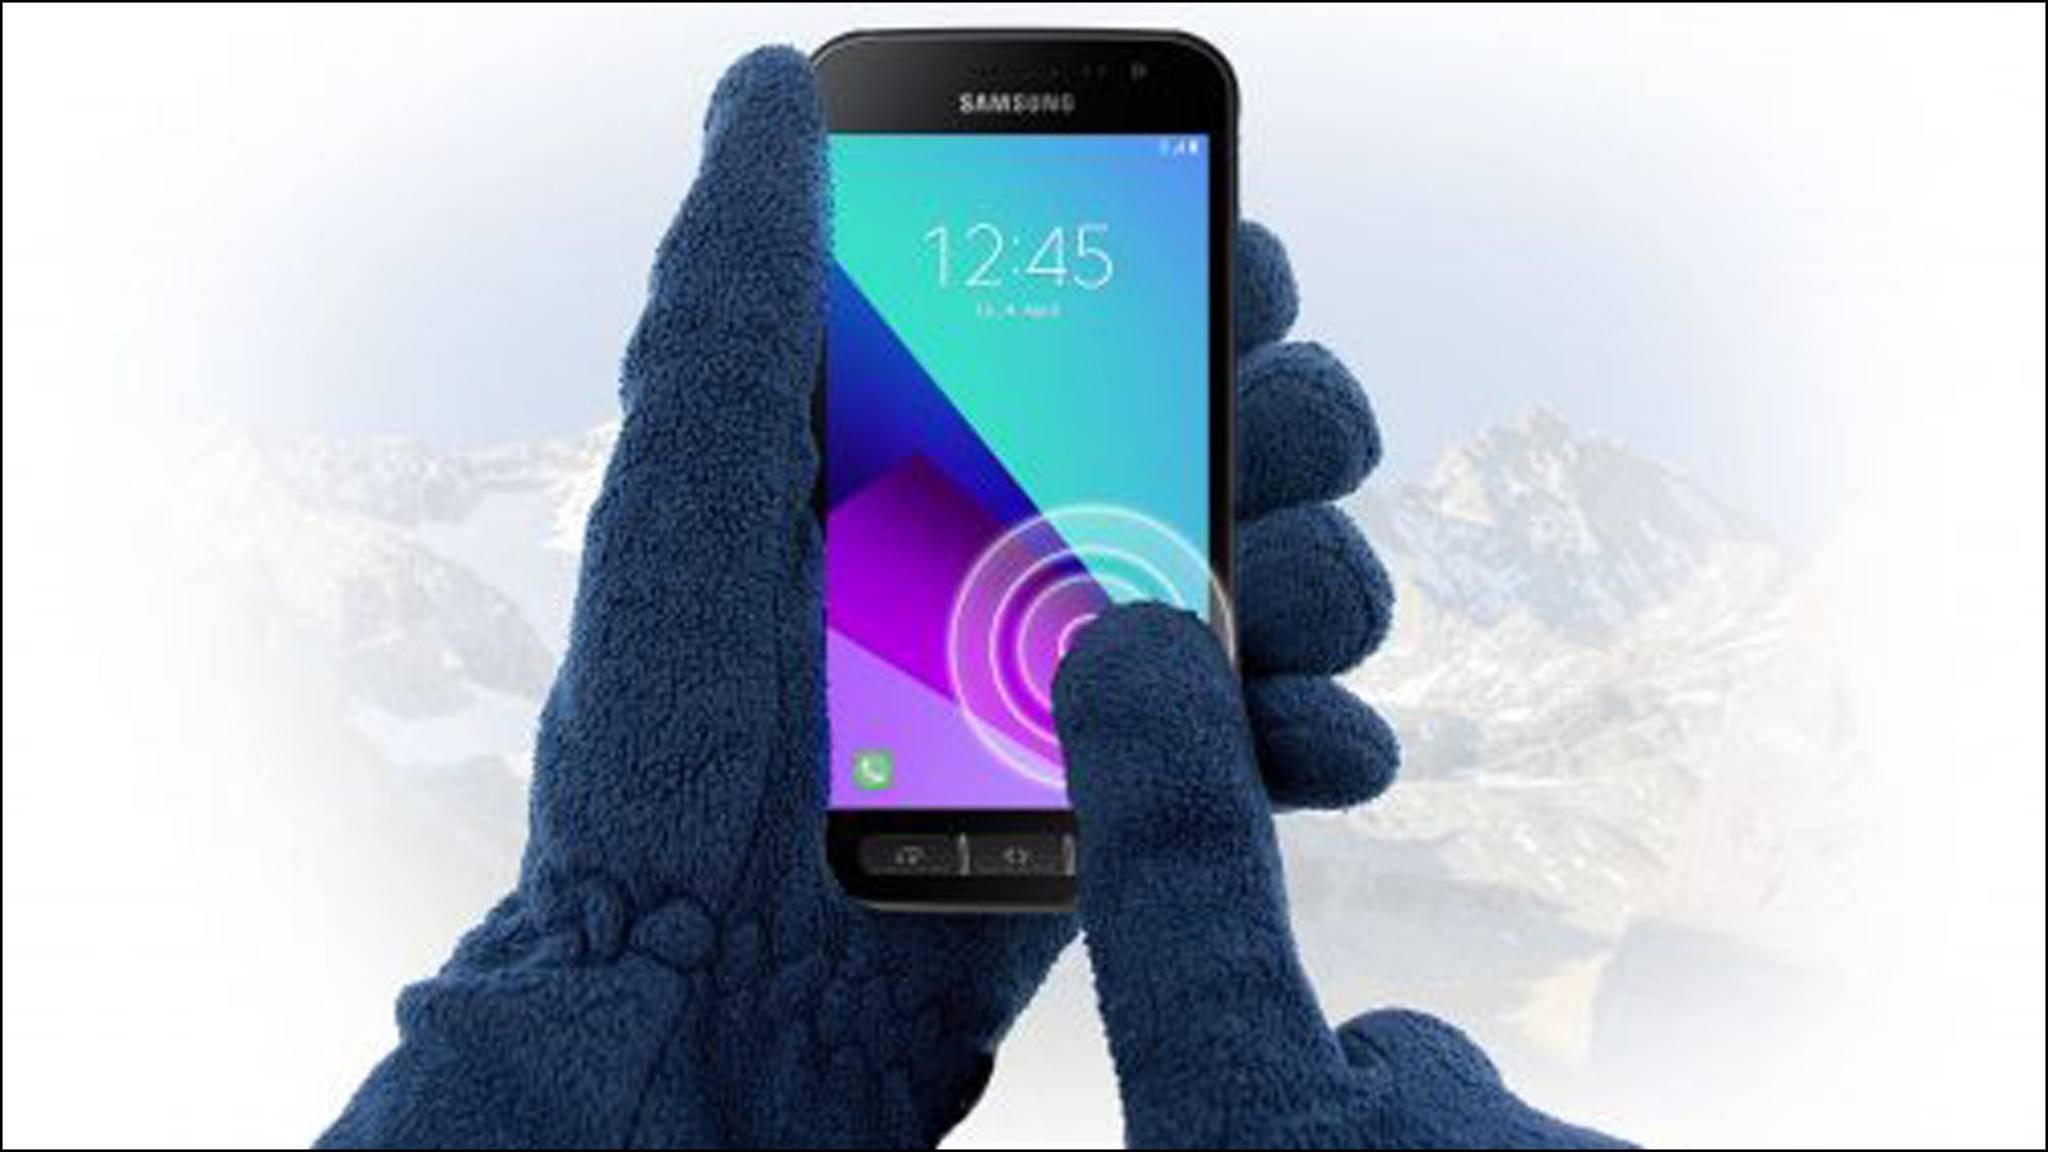 Outdoor-Handy mit langer Akkulaufzeit: Das Galaxy Xcover 4.